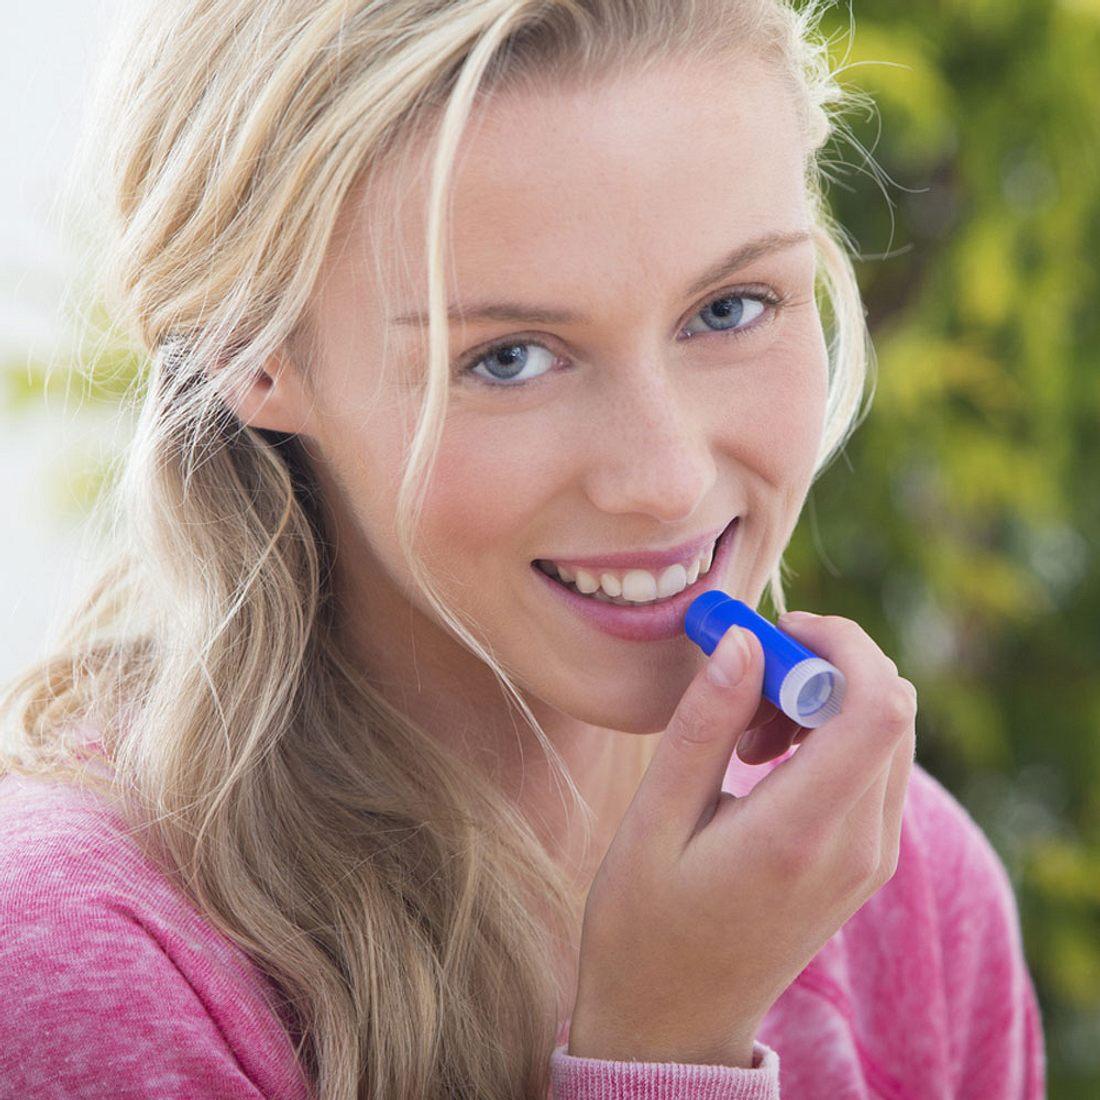 Ökotest warnt: So gefährlich sind Labello-Lippenpflegestifte